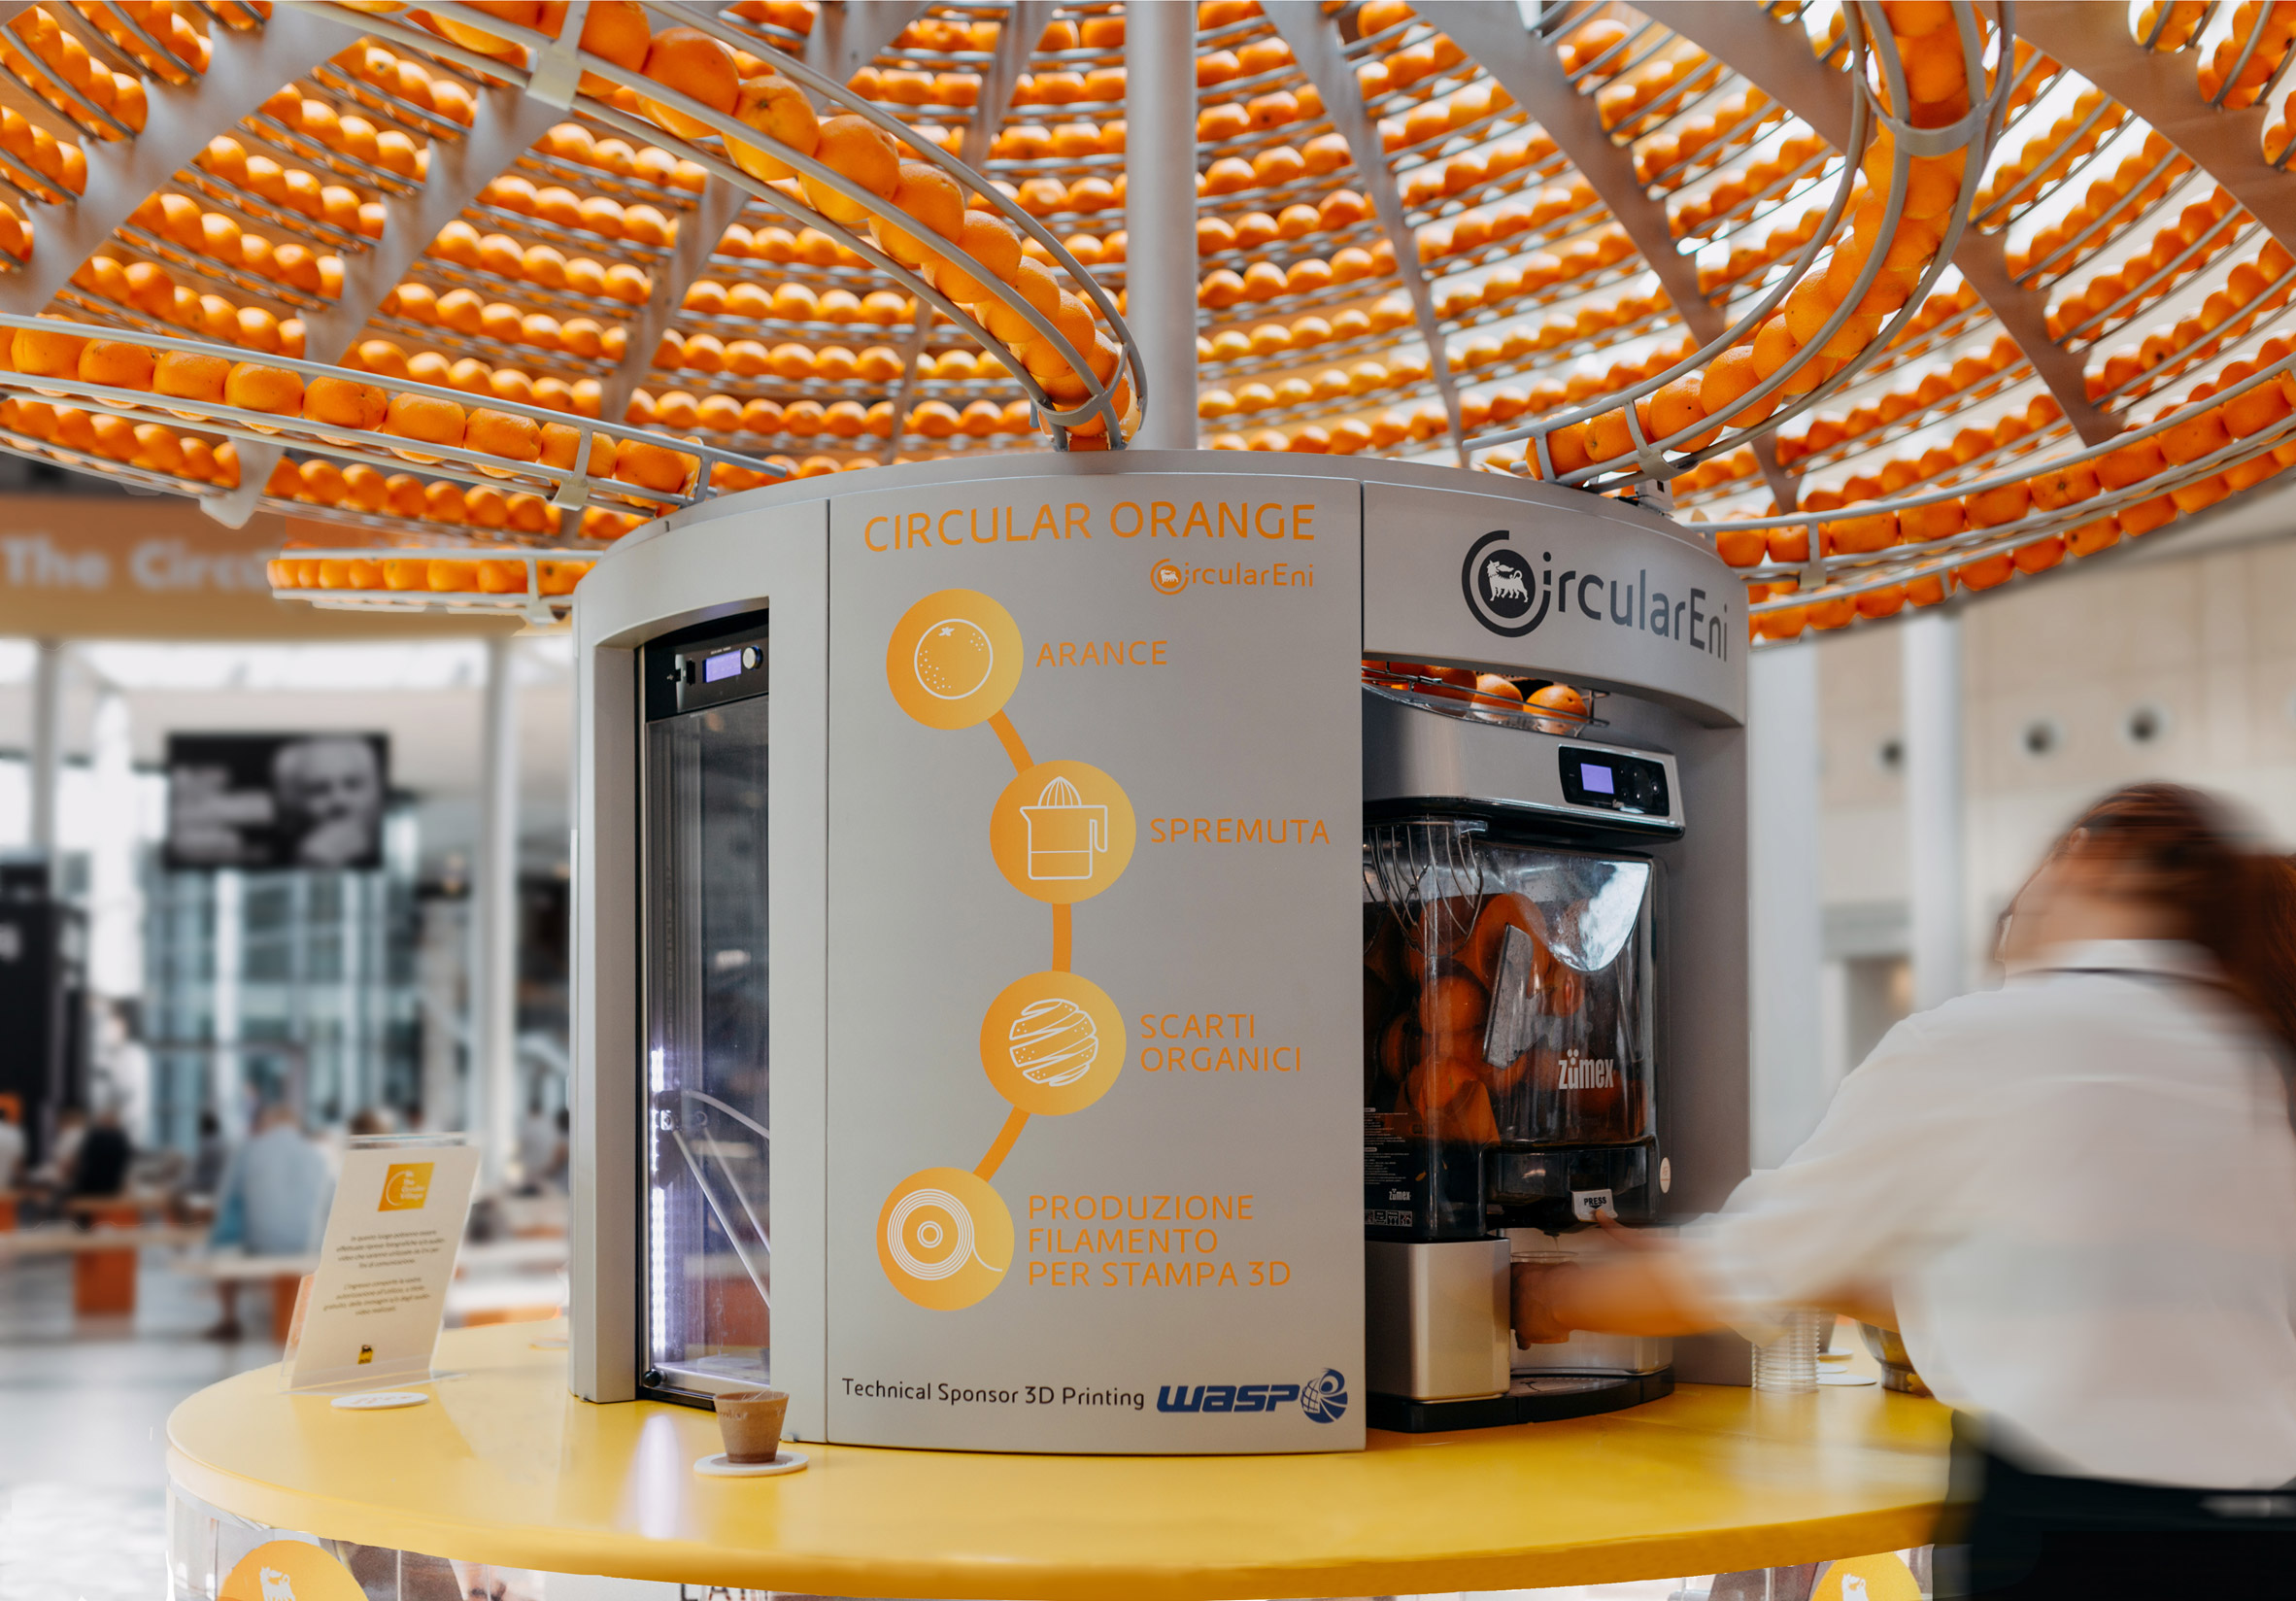 Carlo Ratti Feel the Peel circular orange juice bar